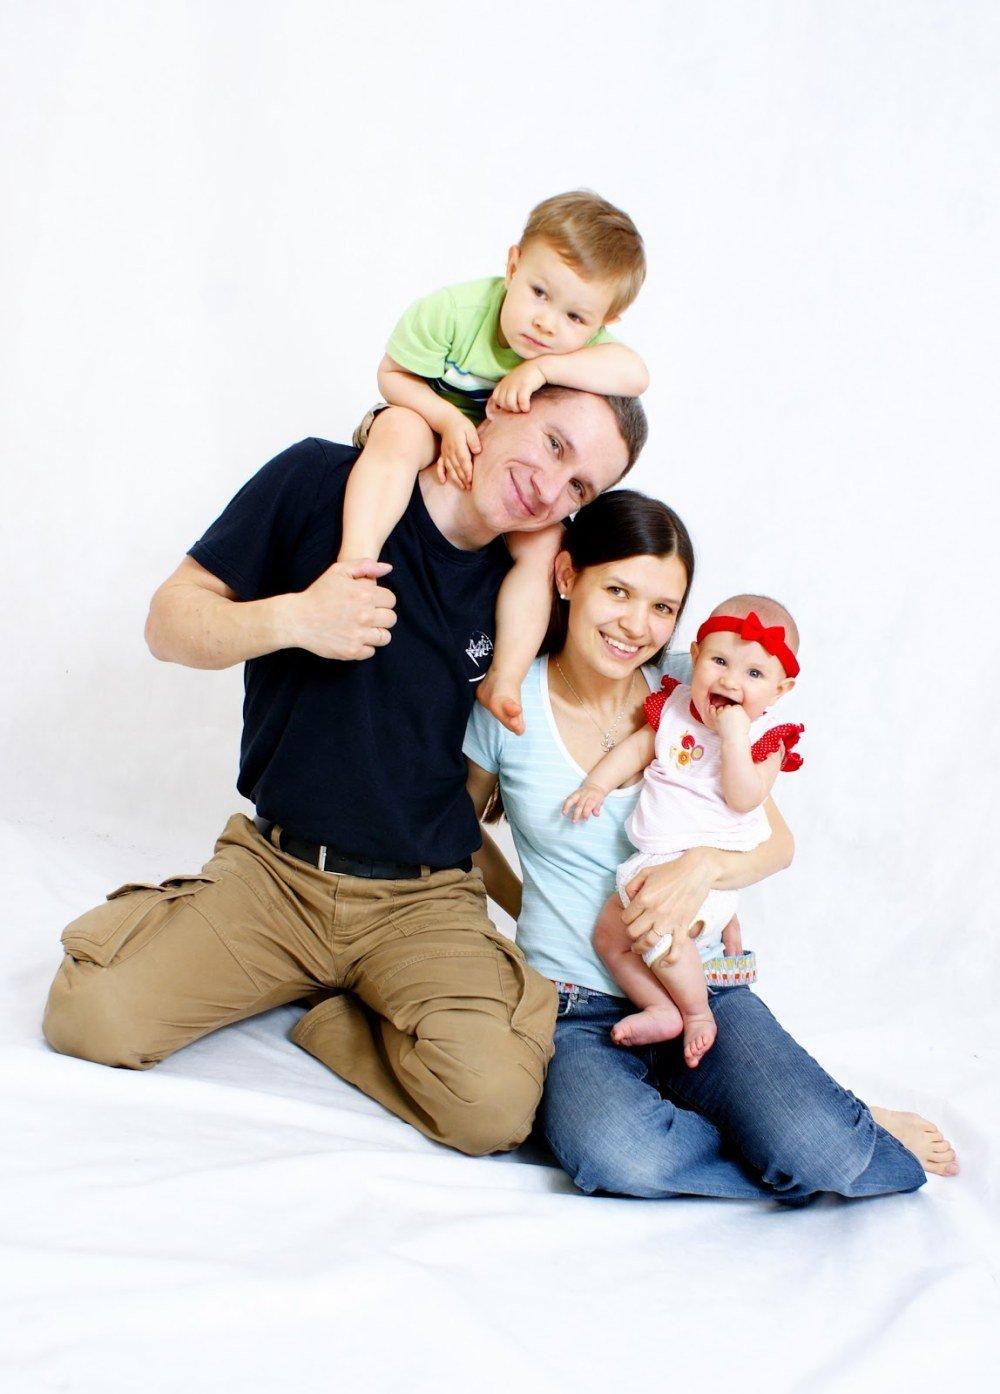 пожалуй, наиболее идеи для фотосессии семьи с двумя детьми обои внесут